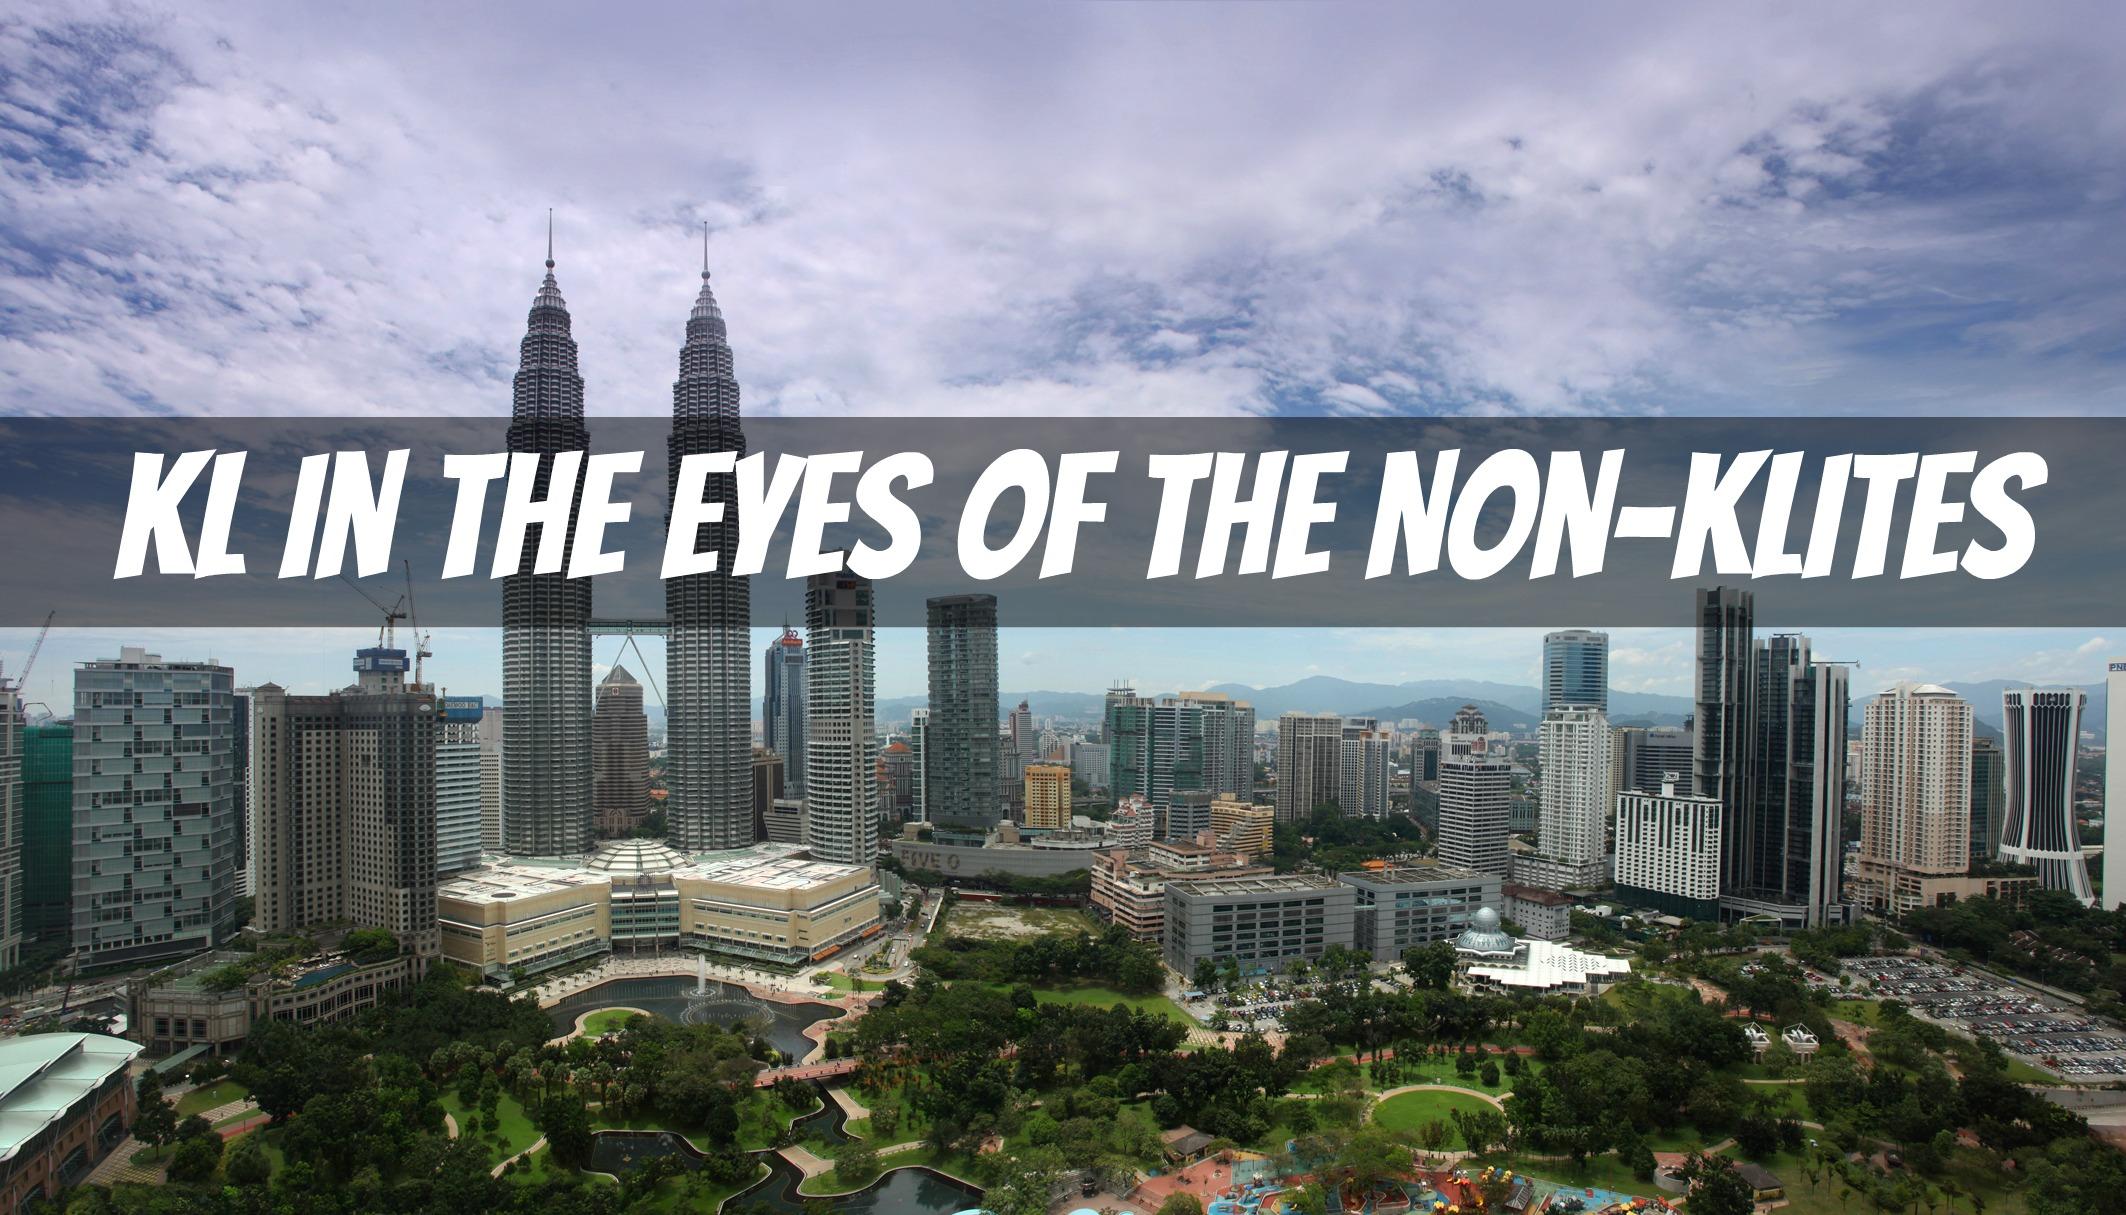 Kuala Lumpur ist die Hauptstadt Malaysias und das Wirtschafts- und Finanzzentrum des Landes. Mit einem Pro-Kopf-BIP von 12.400 US-Dollar ist die Stadt relativ wohlhabend und schneidet im Index durchschnittlich ab. Kuala Lumpurs proaktive Verkehrspolitik zahlt sich aus, denn ihr bestes Ergebnis kann die Stadt in den Kategorien Verkehr und Luftqualität vorweisen. In der Verkehrspolitik setzt Kuala Lumpur unter anderem auf ein relativ gut ausgebautes, modernes Bus-Rapid-Transit-Netz, bei dem Großraumbusse auf separaten Spuren verkehren. Trotz des immer noch hohen Verkehrsaufkommens in der Stadt hat Kuala Lumpur den zweitniedrigsten Schwefeldioxidausstoß im Index.  Kuala Lumpur is the capital of Malaysia and the country's business and financial centre. The city is relatively prosperous with a GDP per capita of US$12,400 and ranks average overall in the Index. Transport and air quality are Kuala Lumpur's strongest categories. Proactive transport policies, along with a relatively extensive and advanced rapid transit network are paying off. Although vehicle traffic is still heavy in the city, Kuala Lumpur has the second-lowest level of sulfur dioxide emissions in the Index.